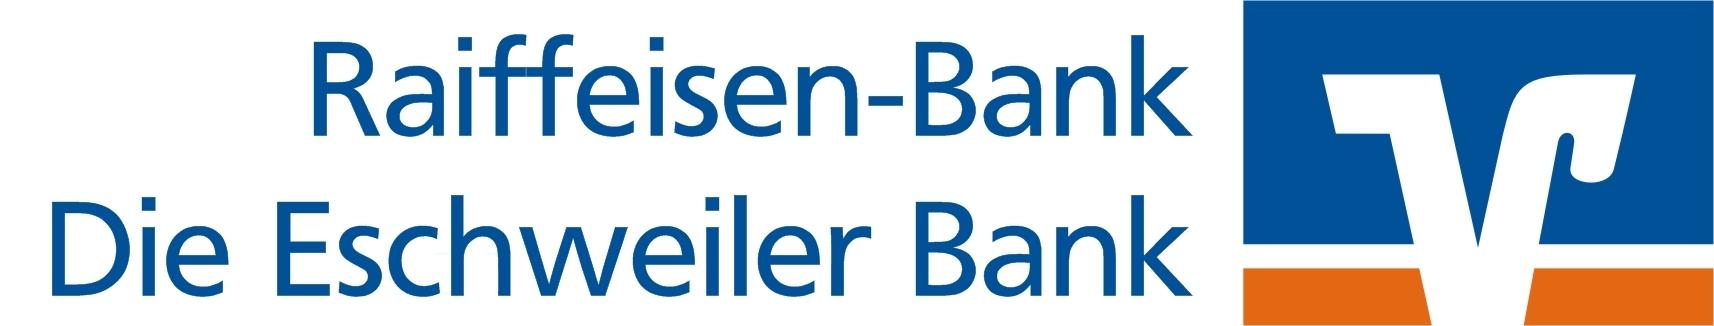 Logo Raiffeisen-Bank